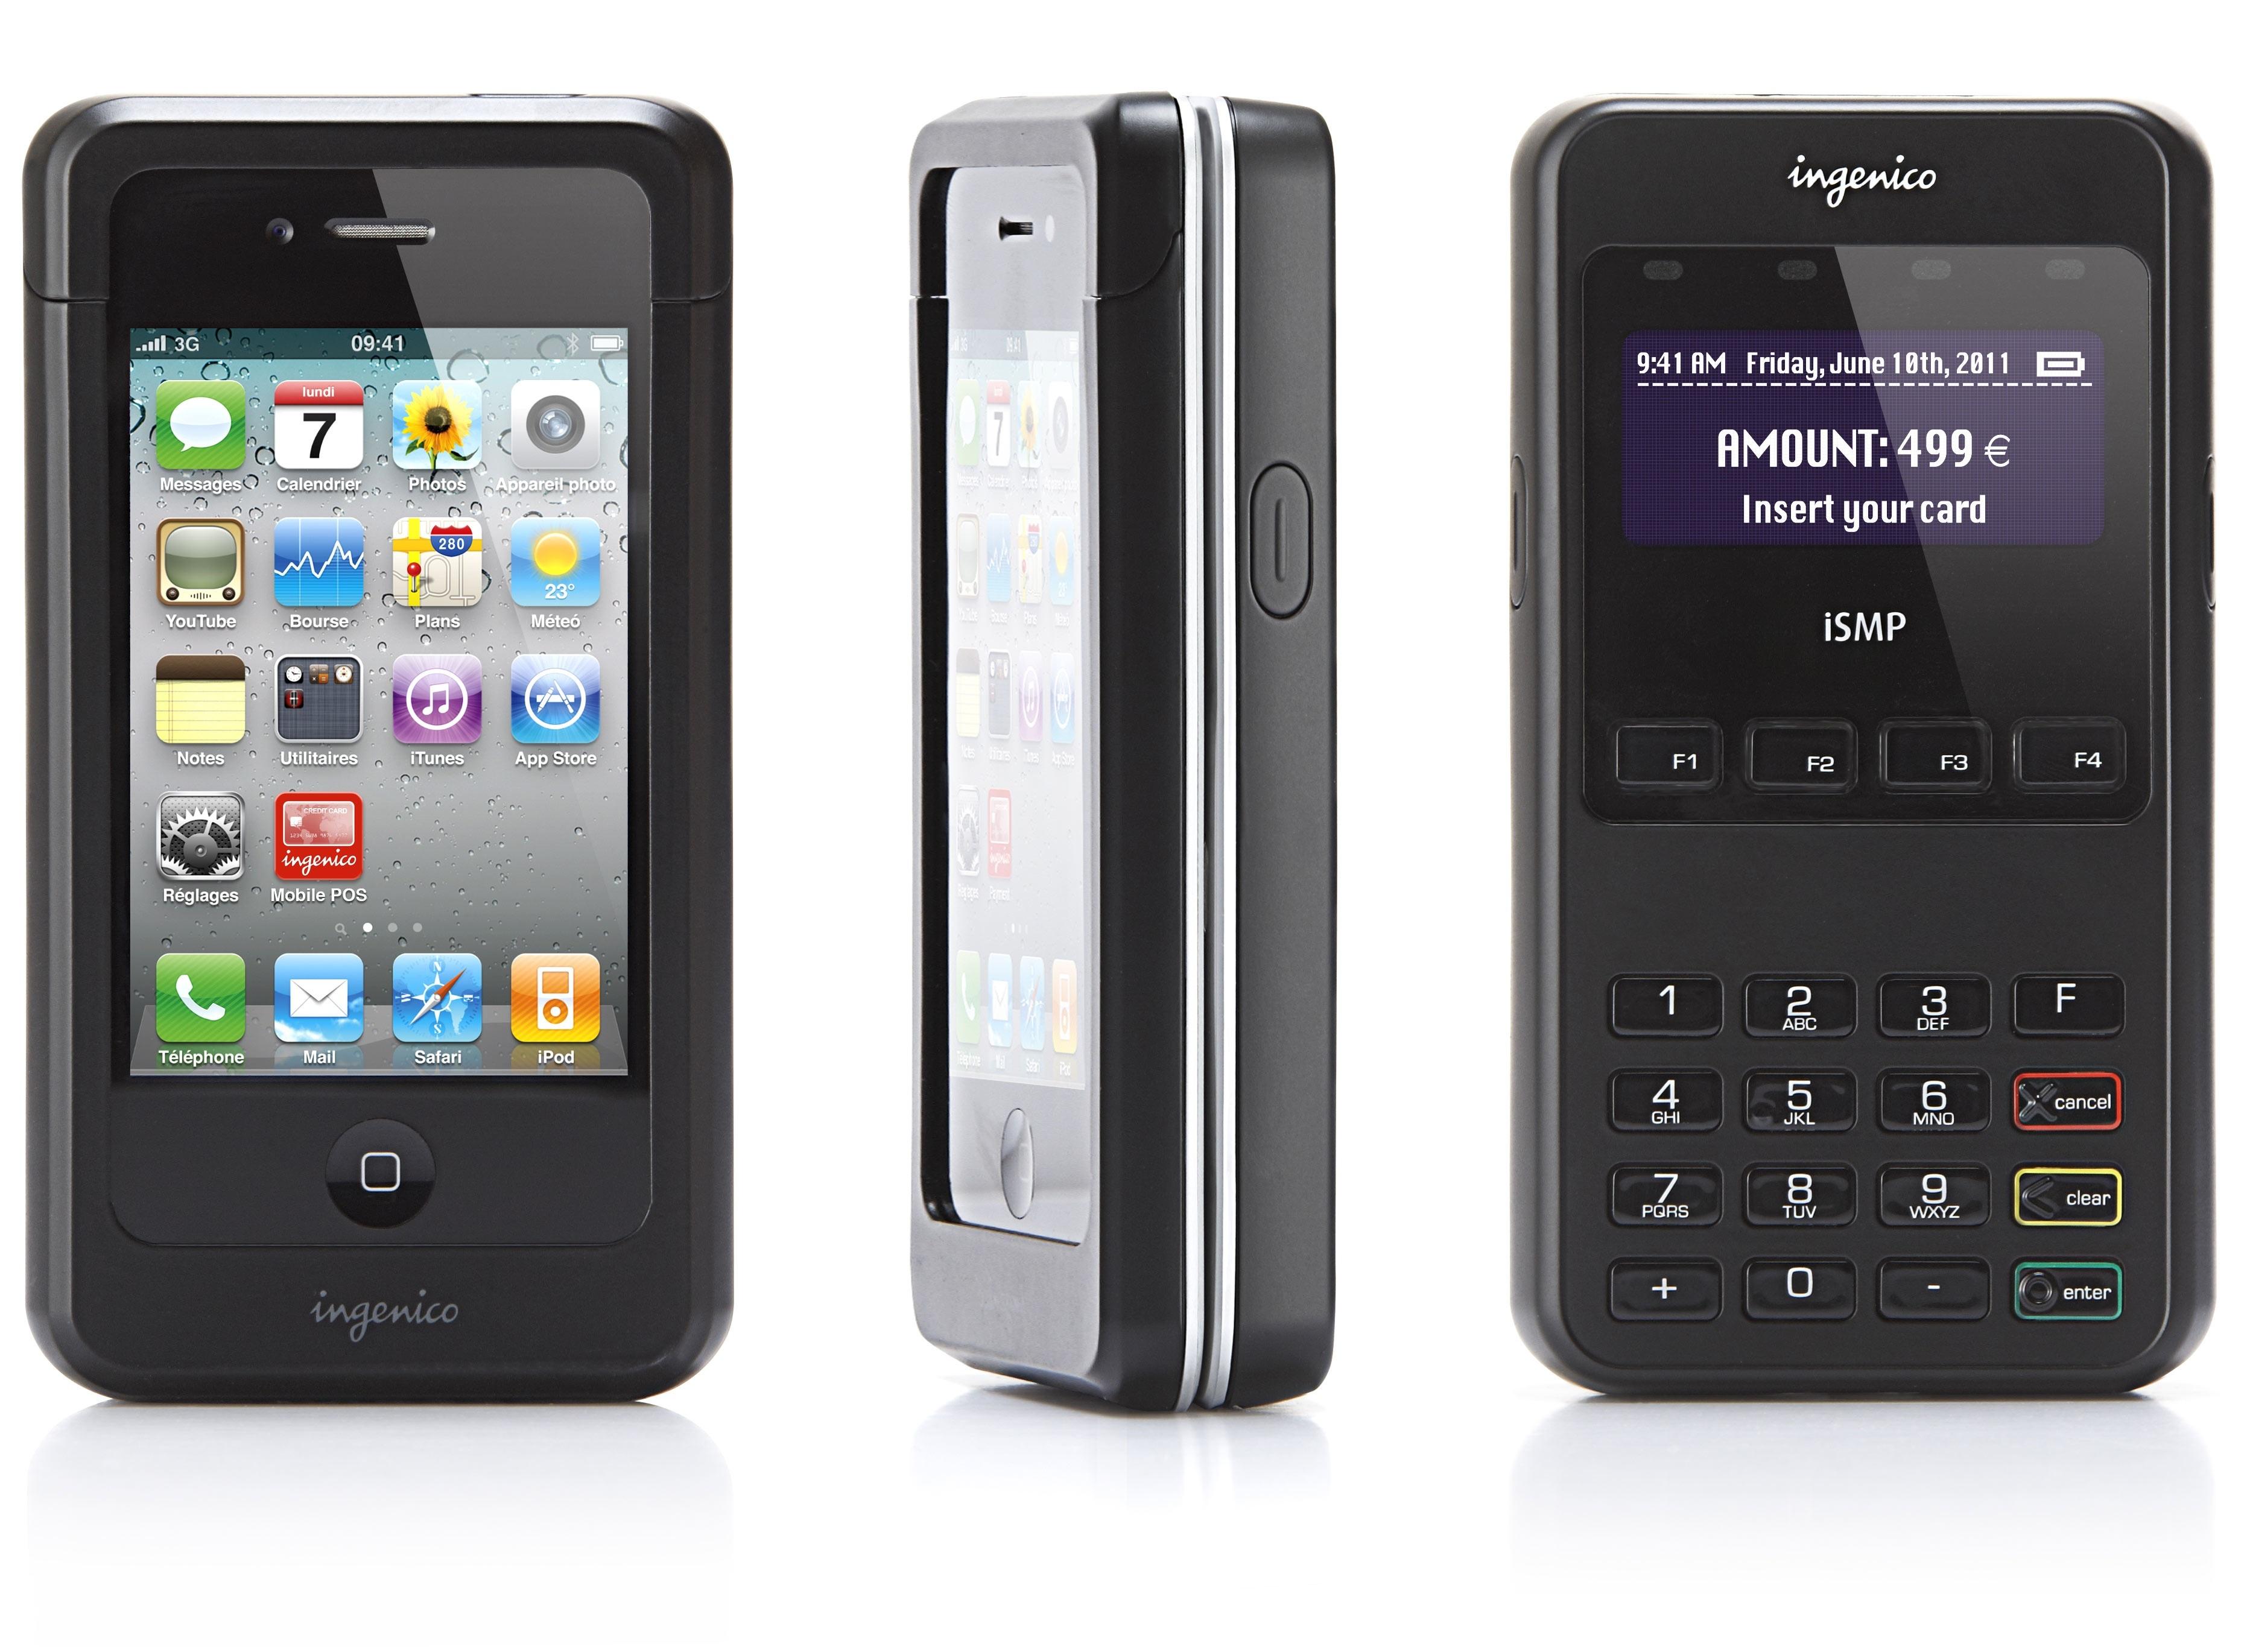 Banco Sabadell lanza un producto que convierte los »smartphones» en datáfonos móviles